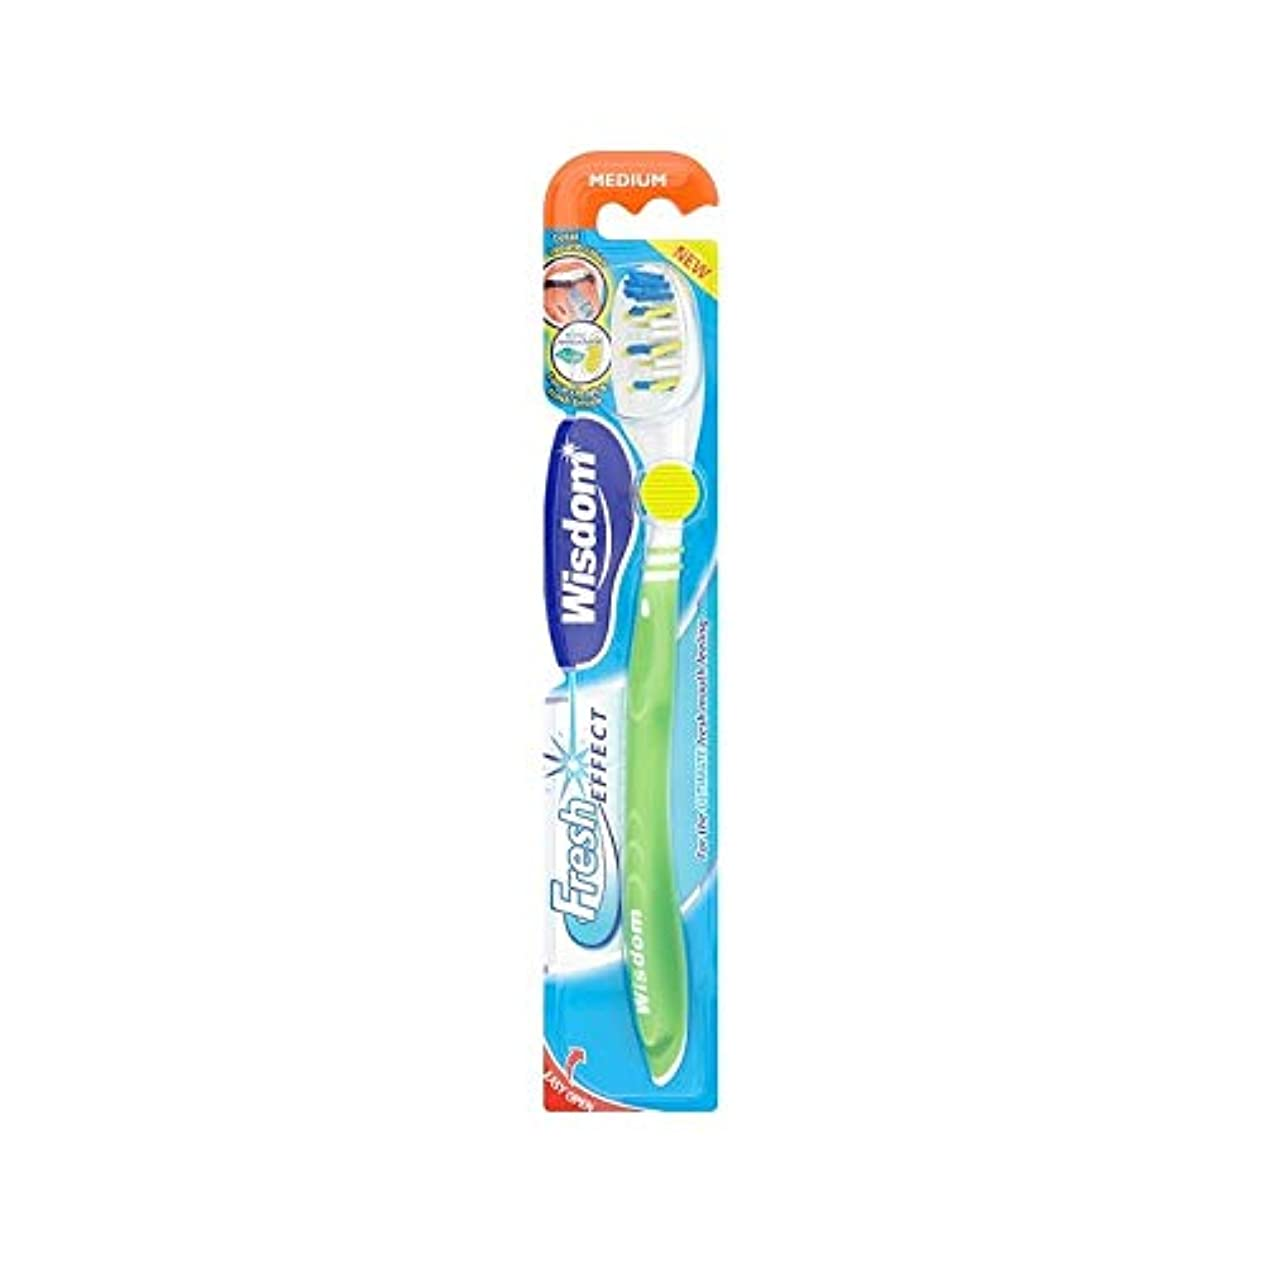 メーター動揺させる多年生[Wisdom ] 10の知恵フレッシュ効果メディア歯ブラシパック - Wisdom Fresh Effect Medium Toothbrush Pack of 10 [並行輸入品]